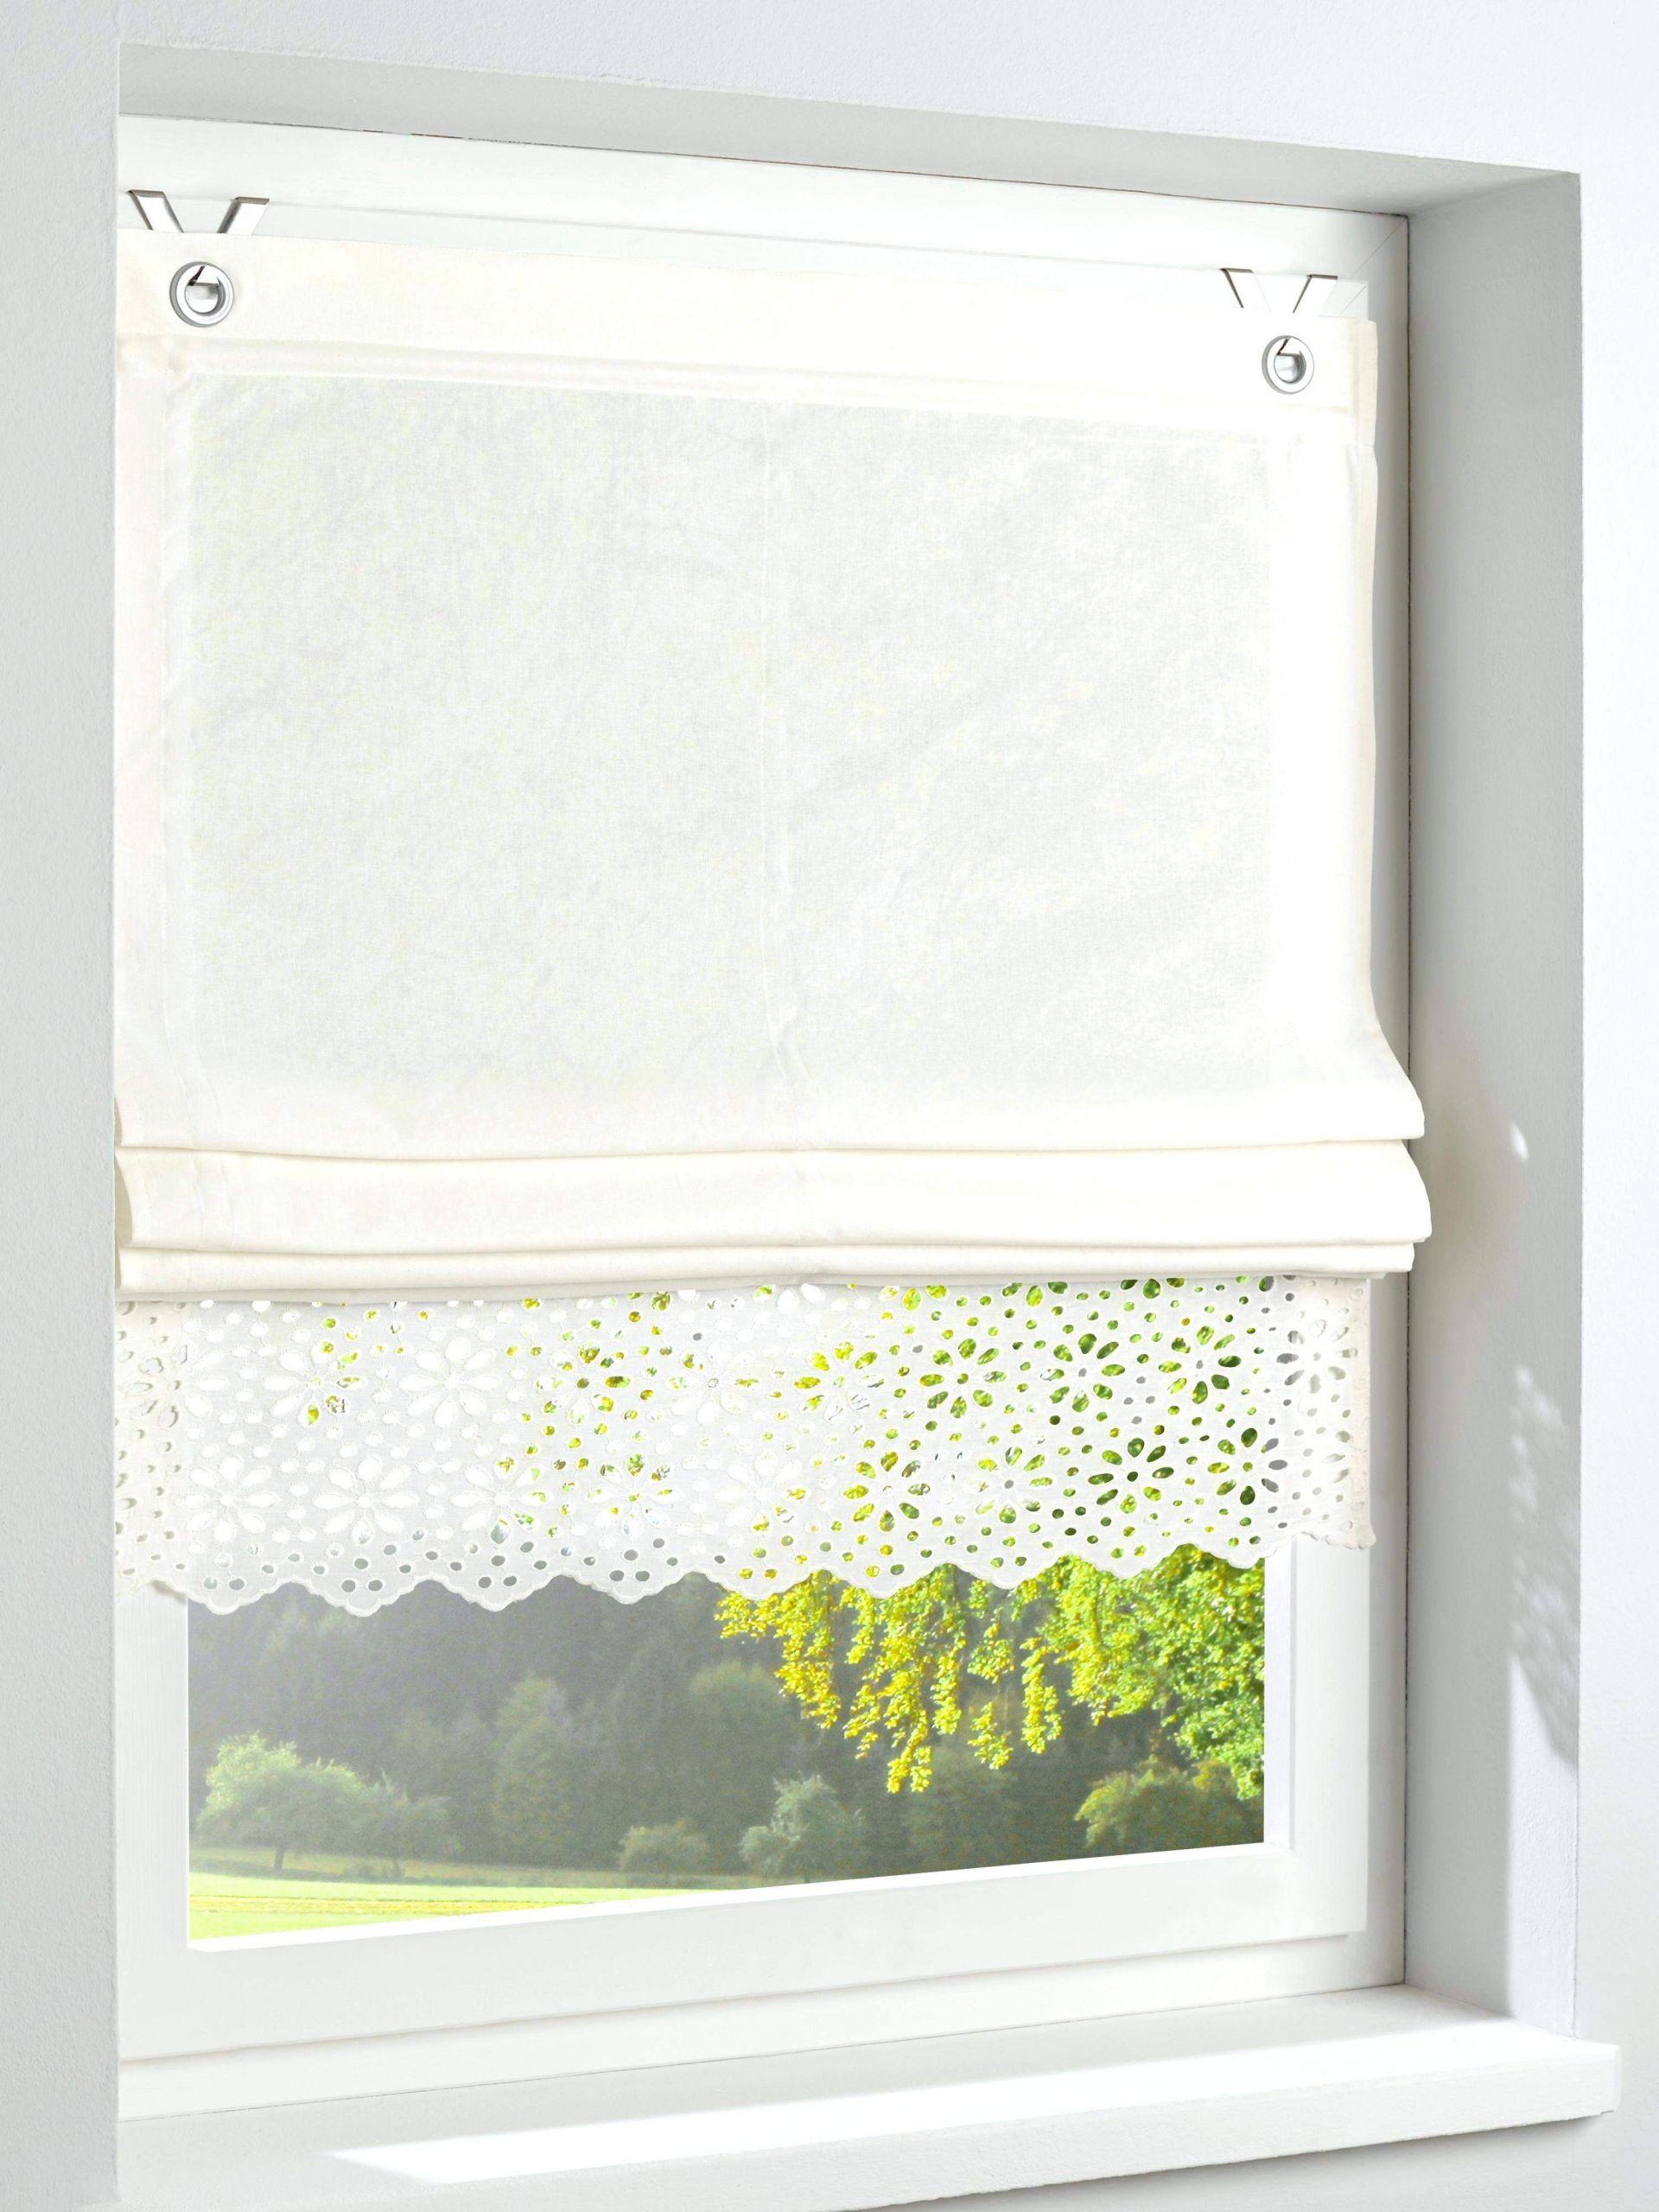 Full Size of Fenster Sichtschutz Ideen Innen Ohne Bohren Sichtschutzfolie Obi Sichtschutzfolien Modern Spiegel Einseitig Durchsichtig Bad Ikea Lidl Blickdicht Plissee Fenster Fenster Sichtschutz